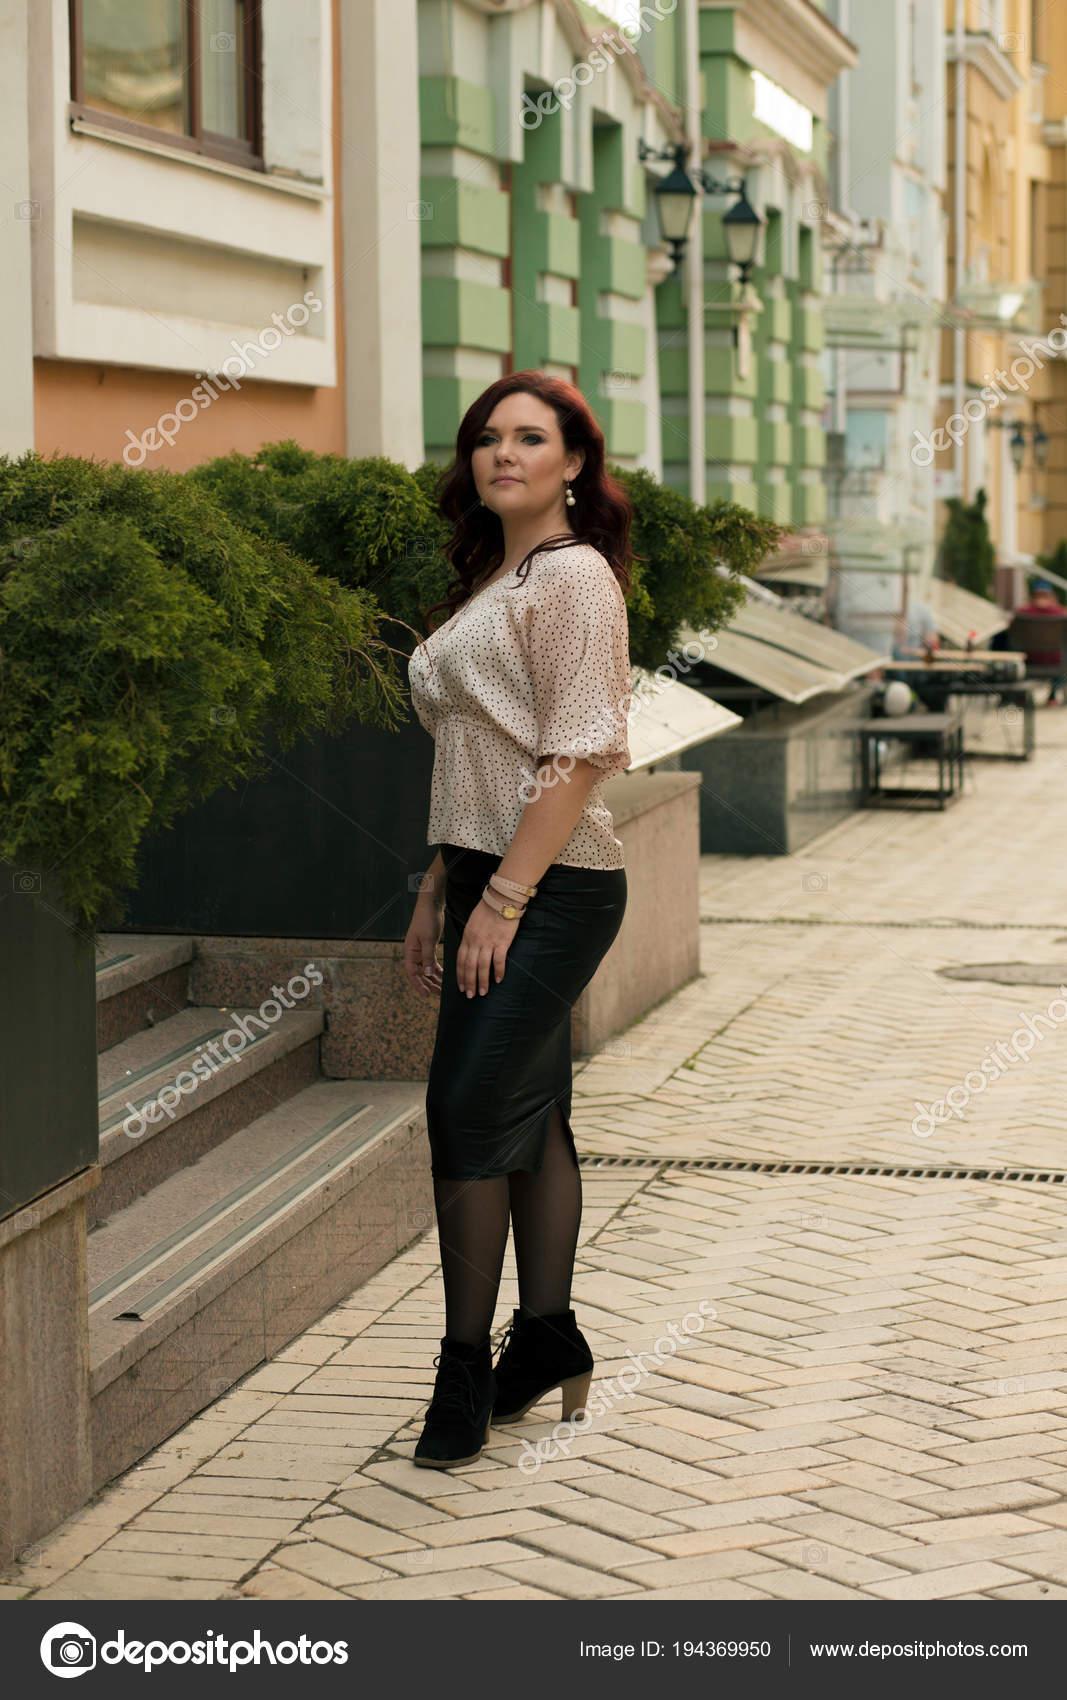 e27e74a5a Preciosa señora madura vistiendo Moda blusa y falda, en — Foto de ...